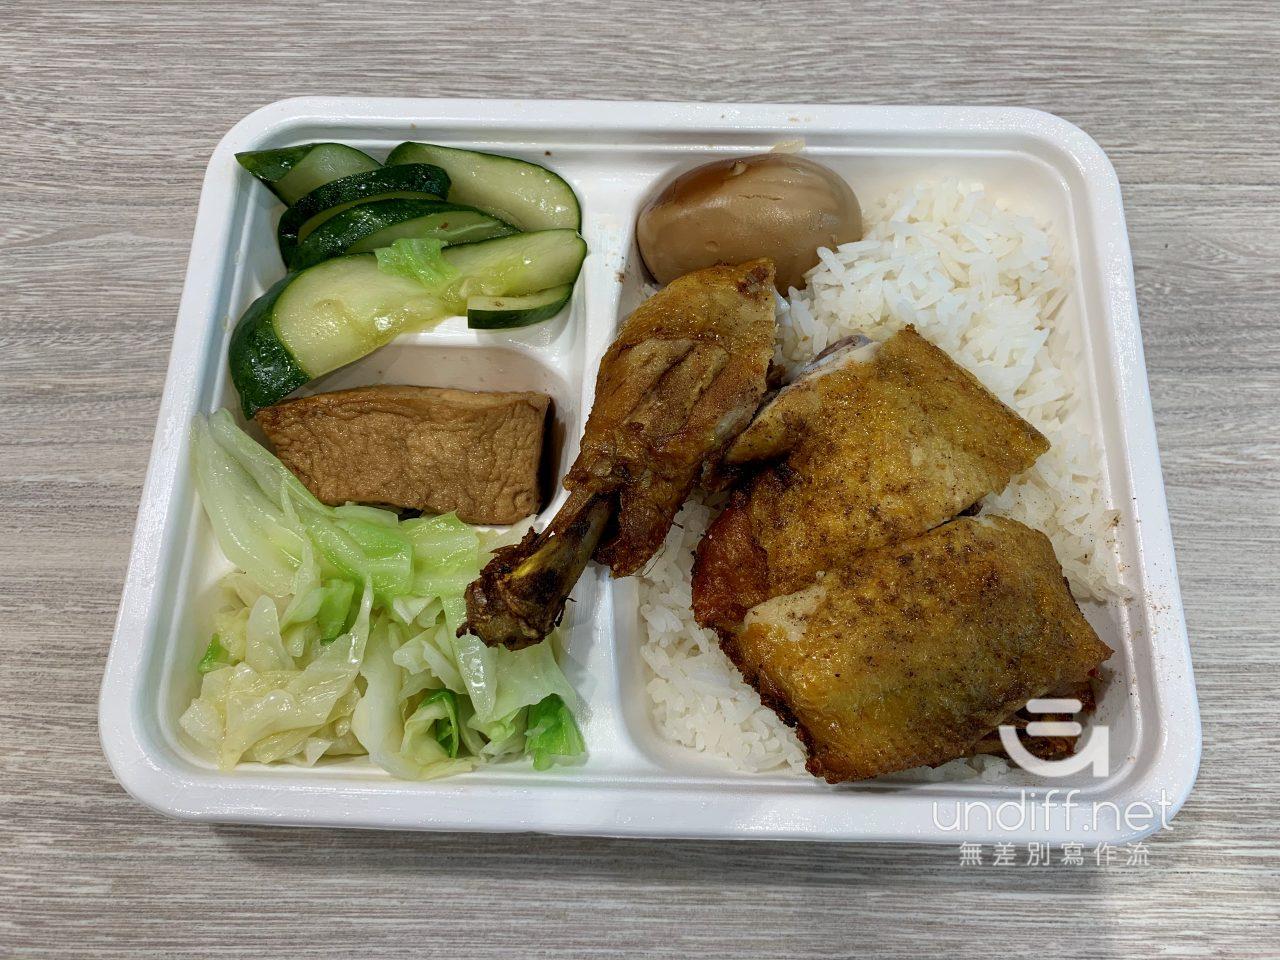 【內湖 訂便當日記】日嚐 Taste&Enjoy 南洋風味料理 16